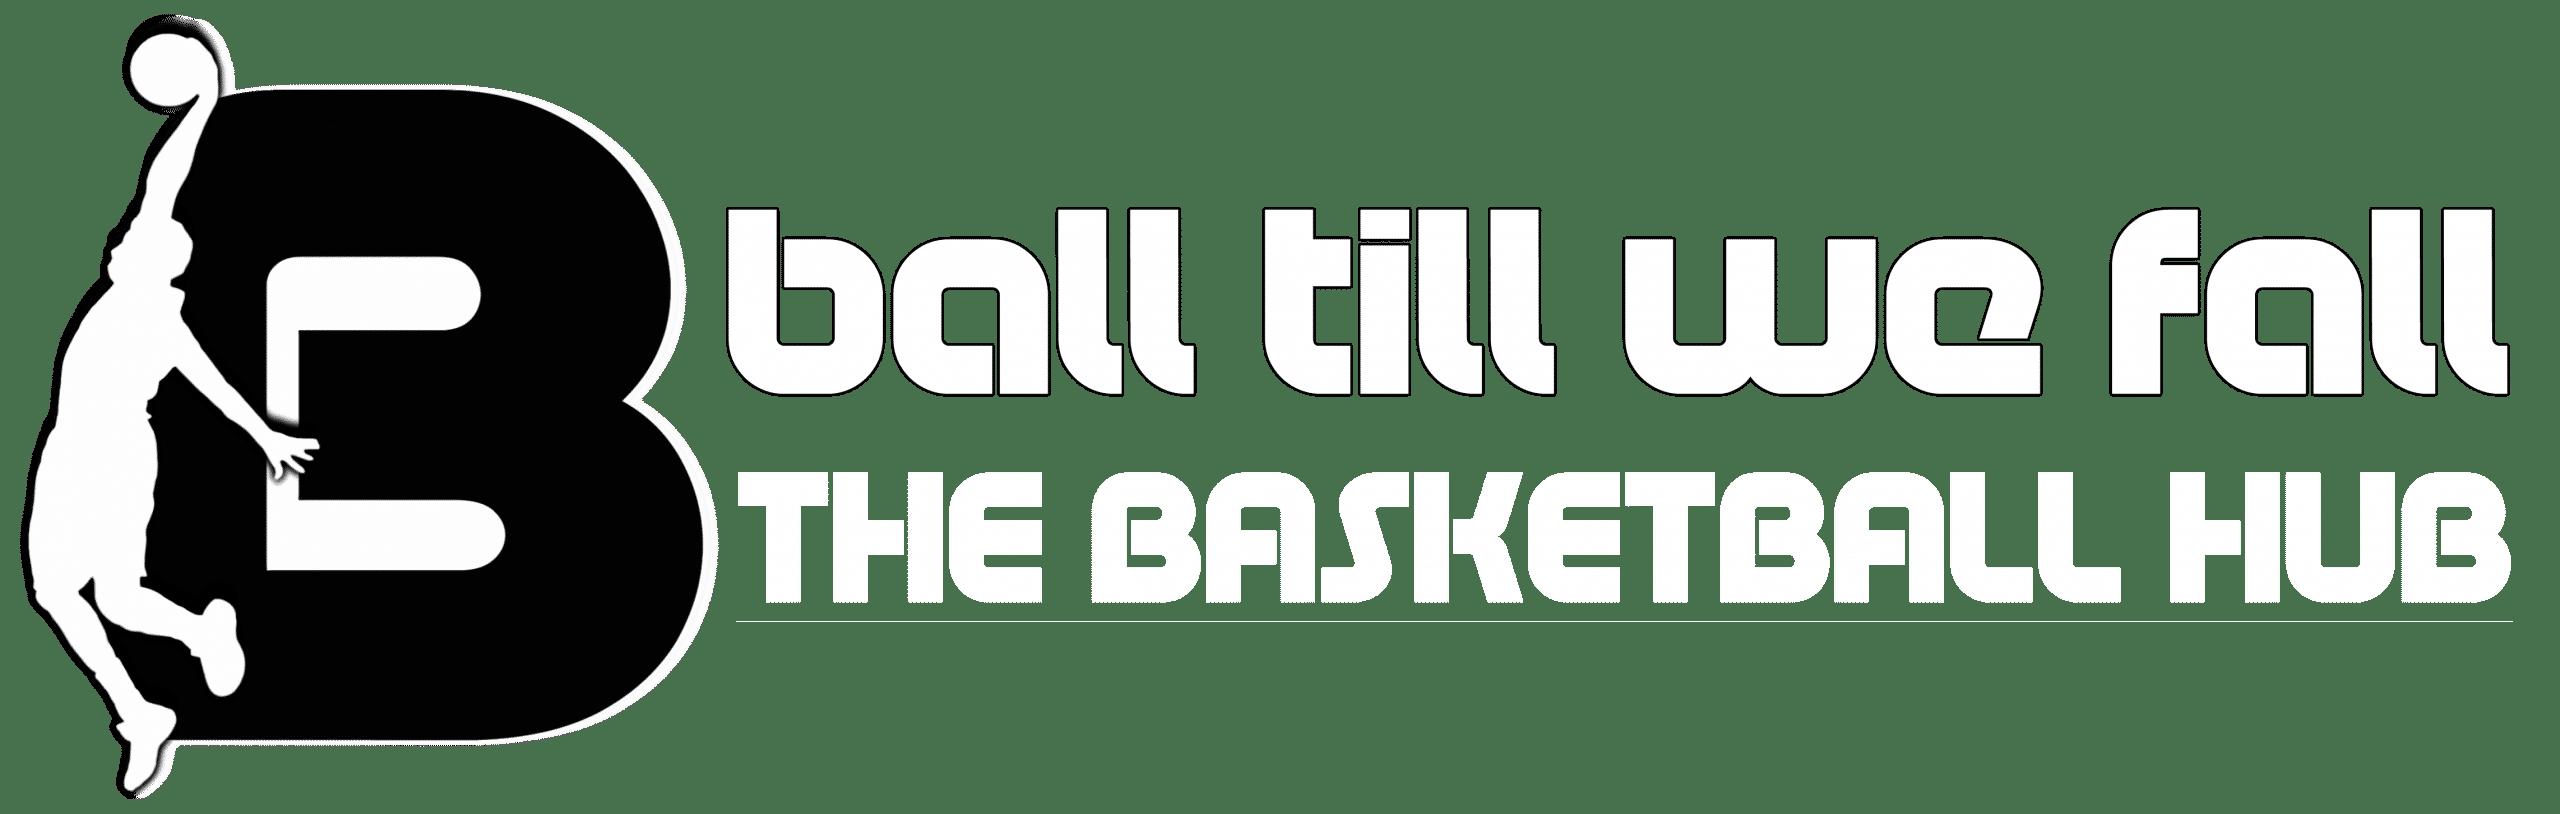 The #1 Basketball Hub : Ball Till We Fall